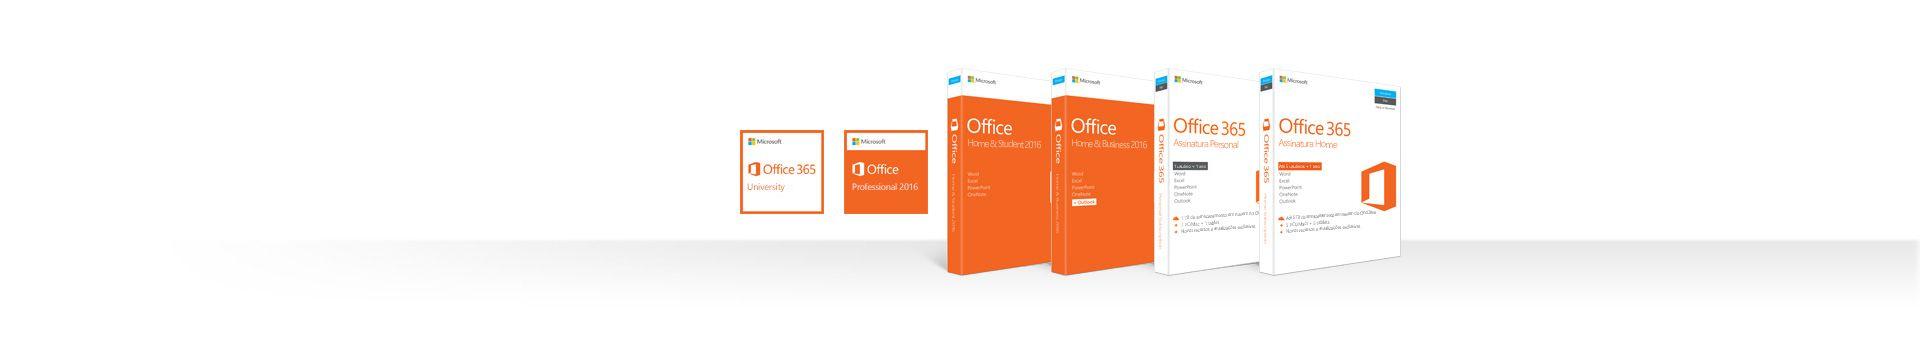 Uma linha de caixas representando os produtos de assinatura e autônomos do Office para PC